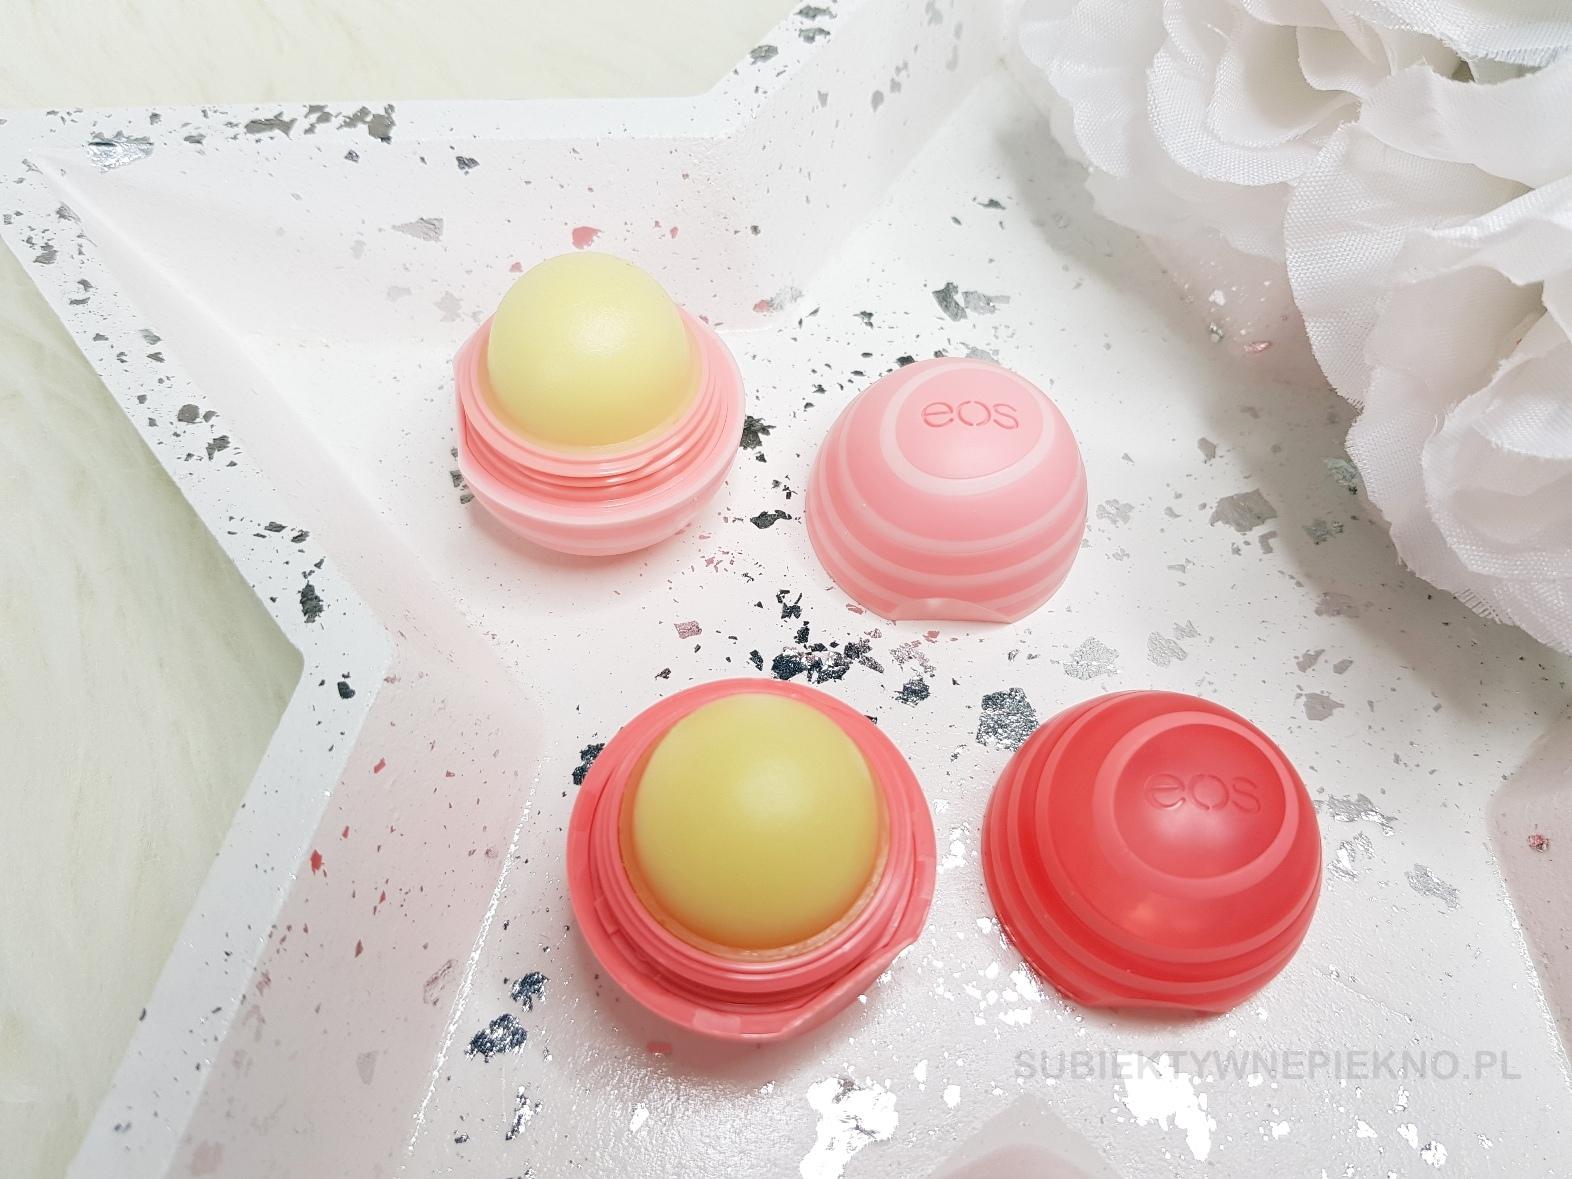 Balsam do ust EOS Coconut Milk i Fresh Grapefruit - skład, recenzja, opinie, blog